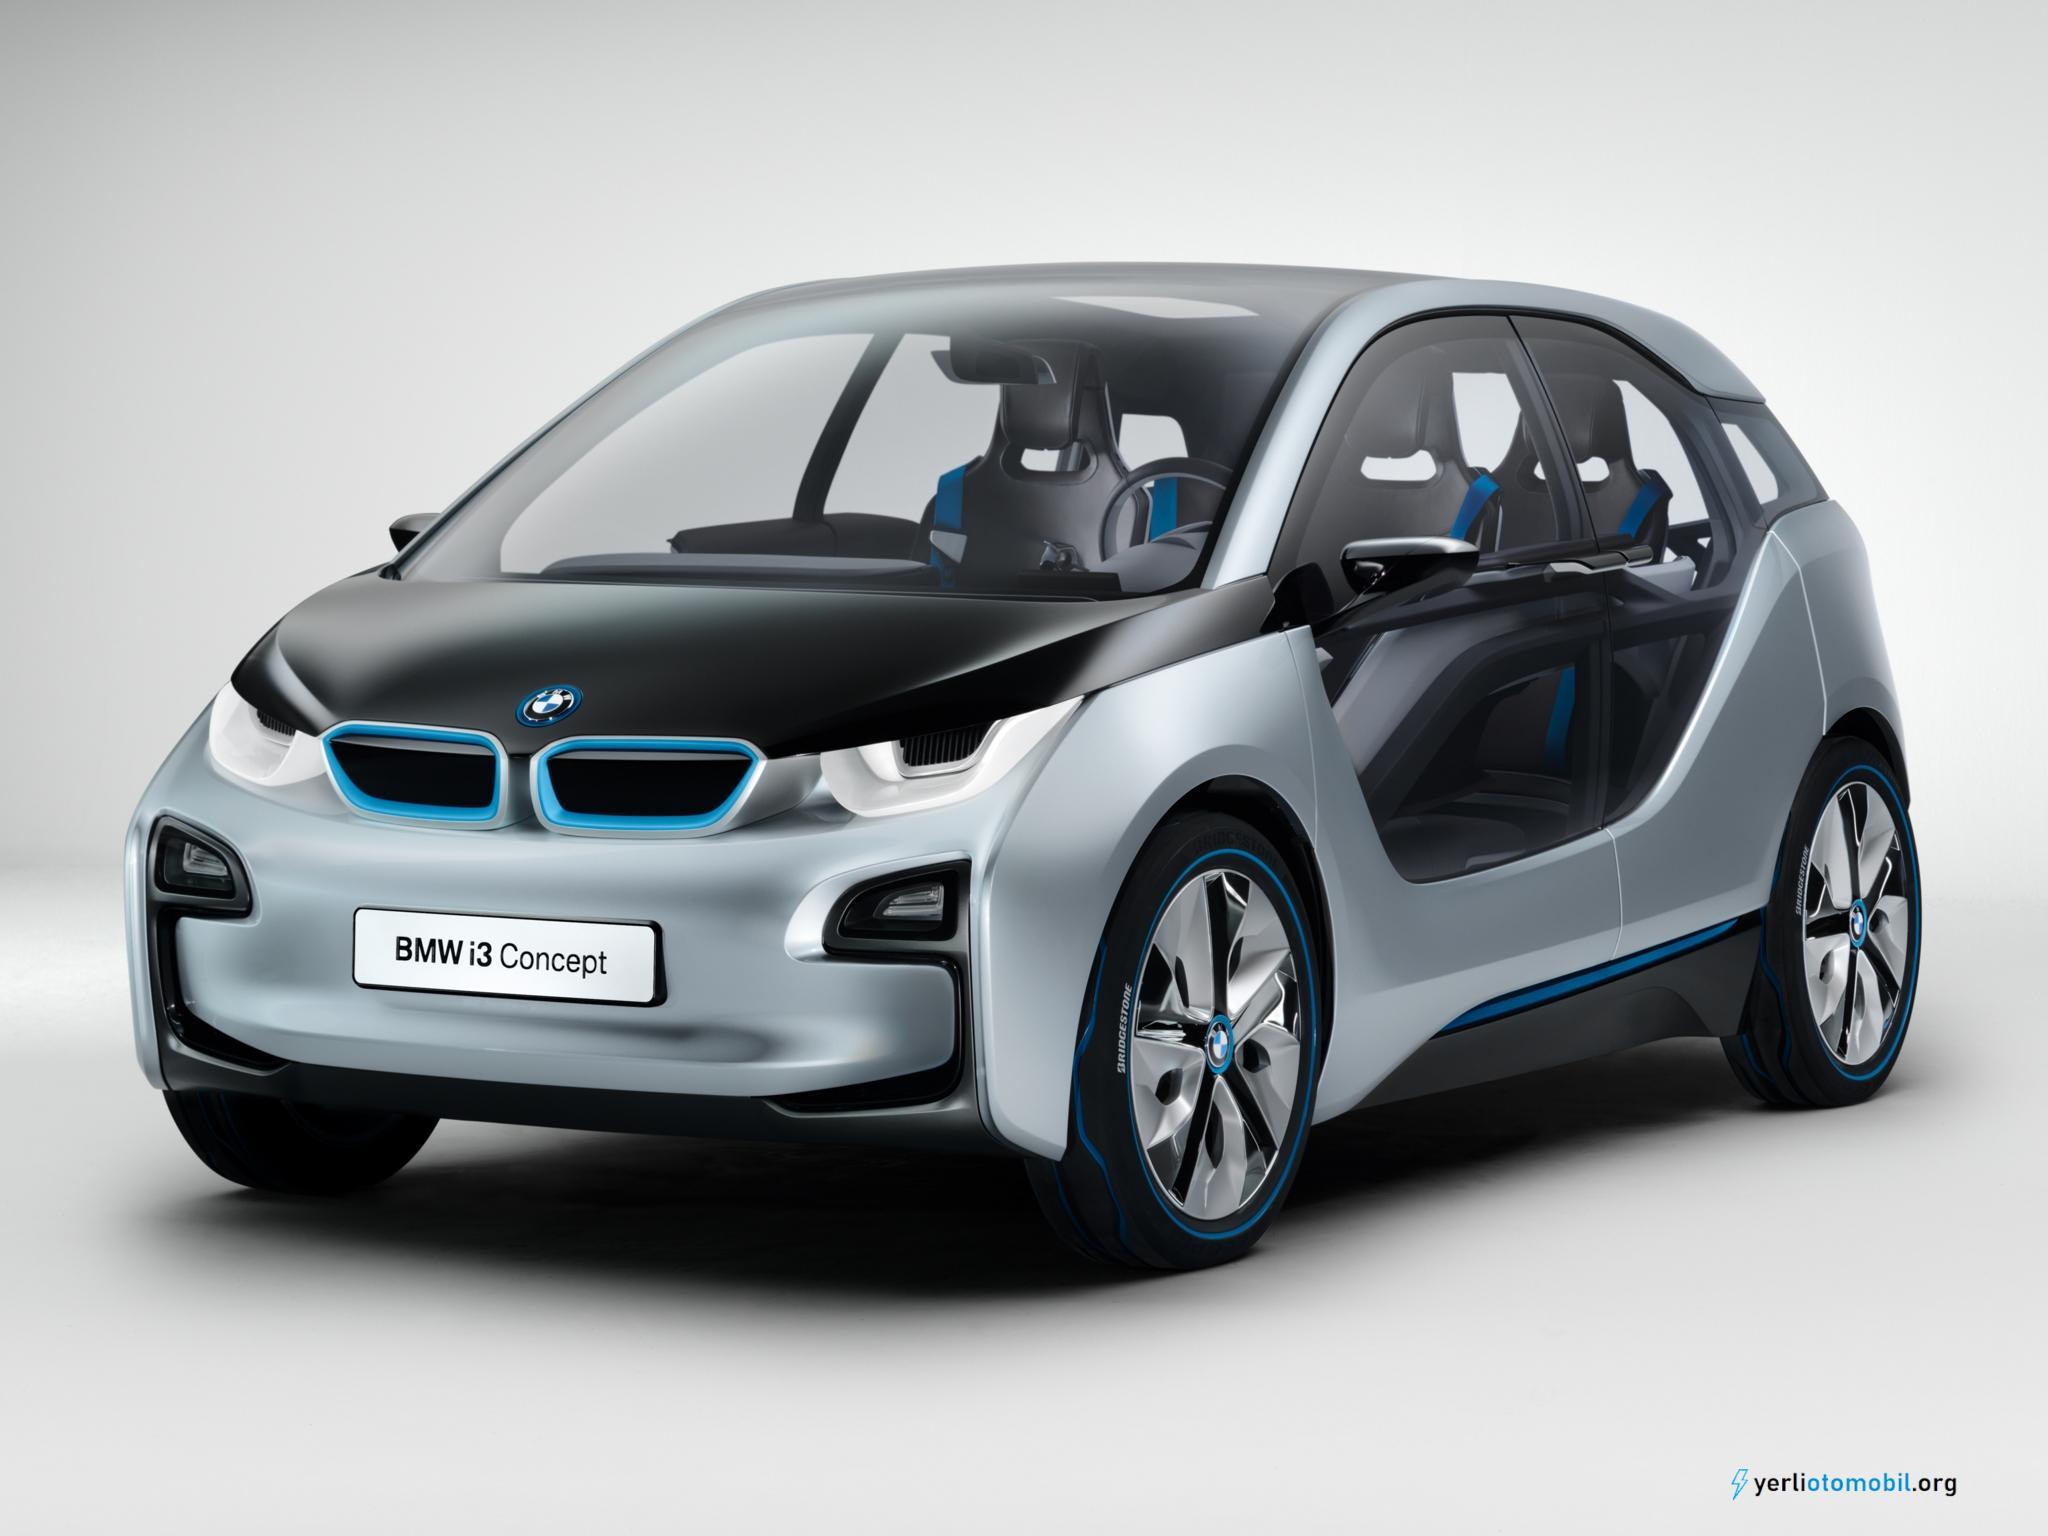 BMW Elektrikli Araç Modelleri Hangileri?